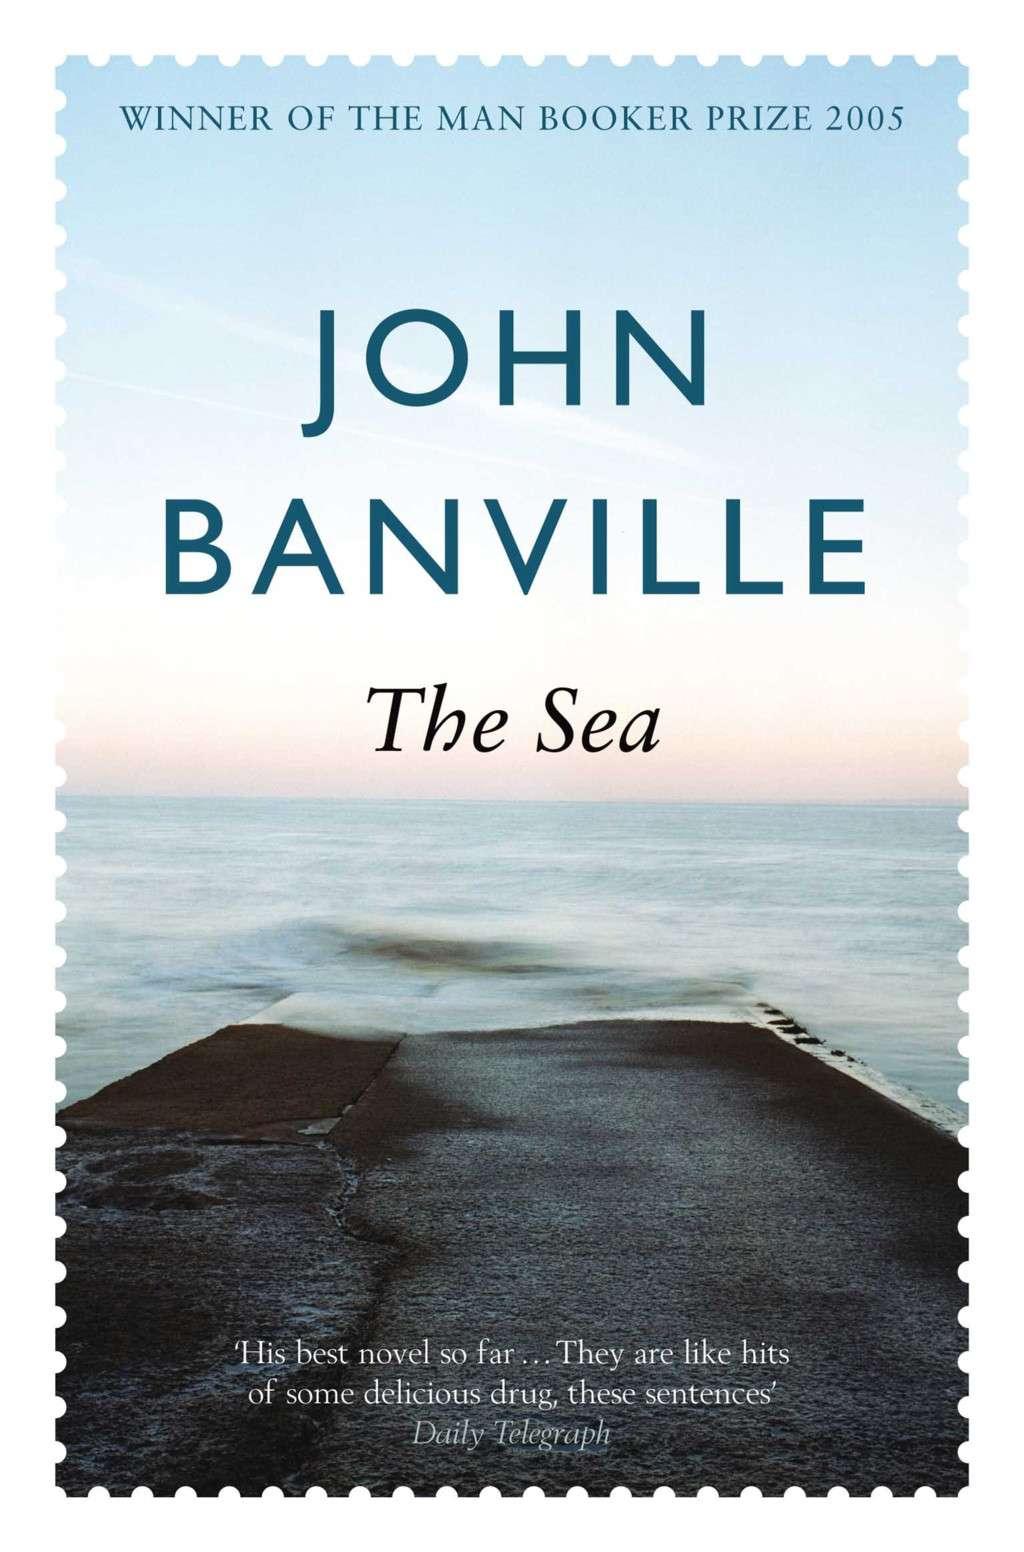 sach bien the sea Bí ẩn văn chương John Banville